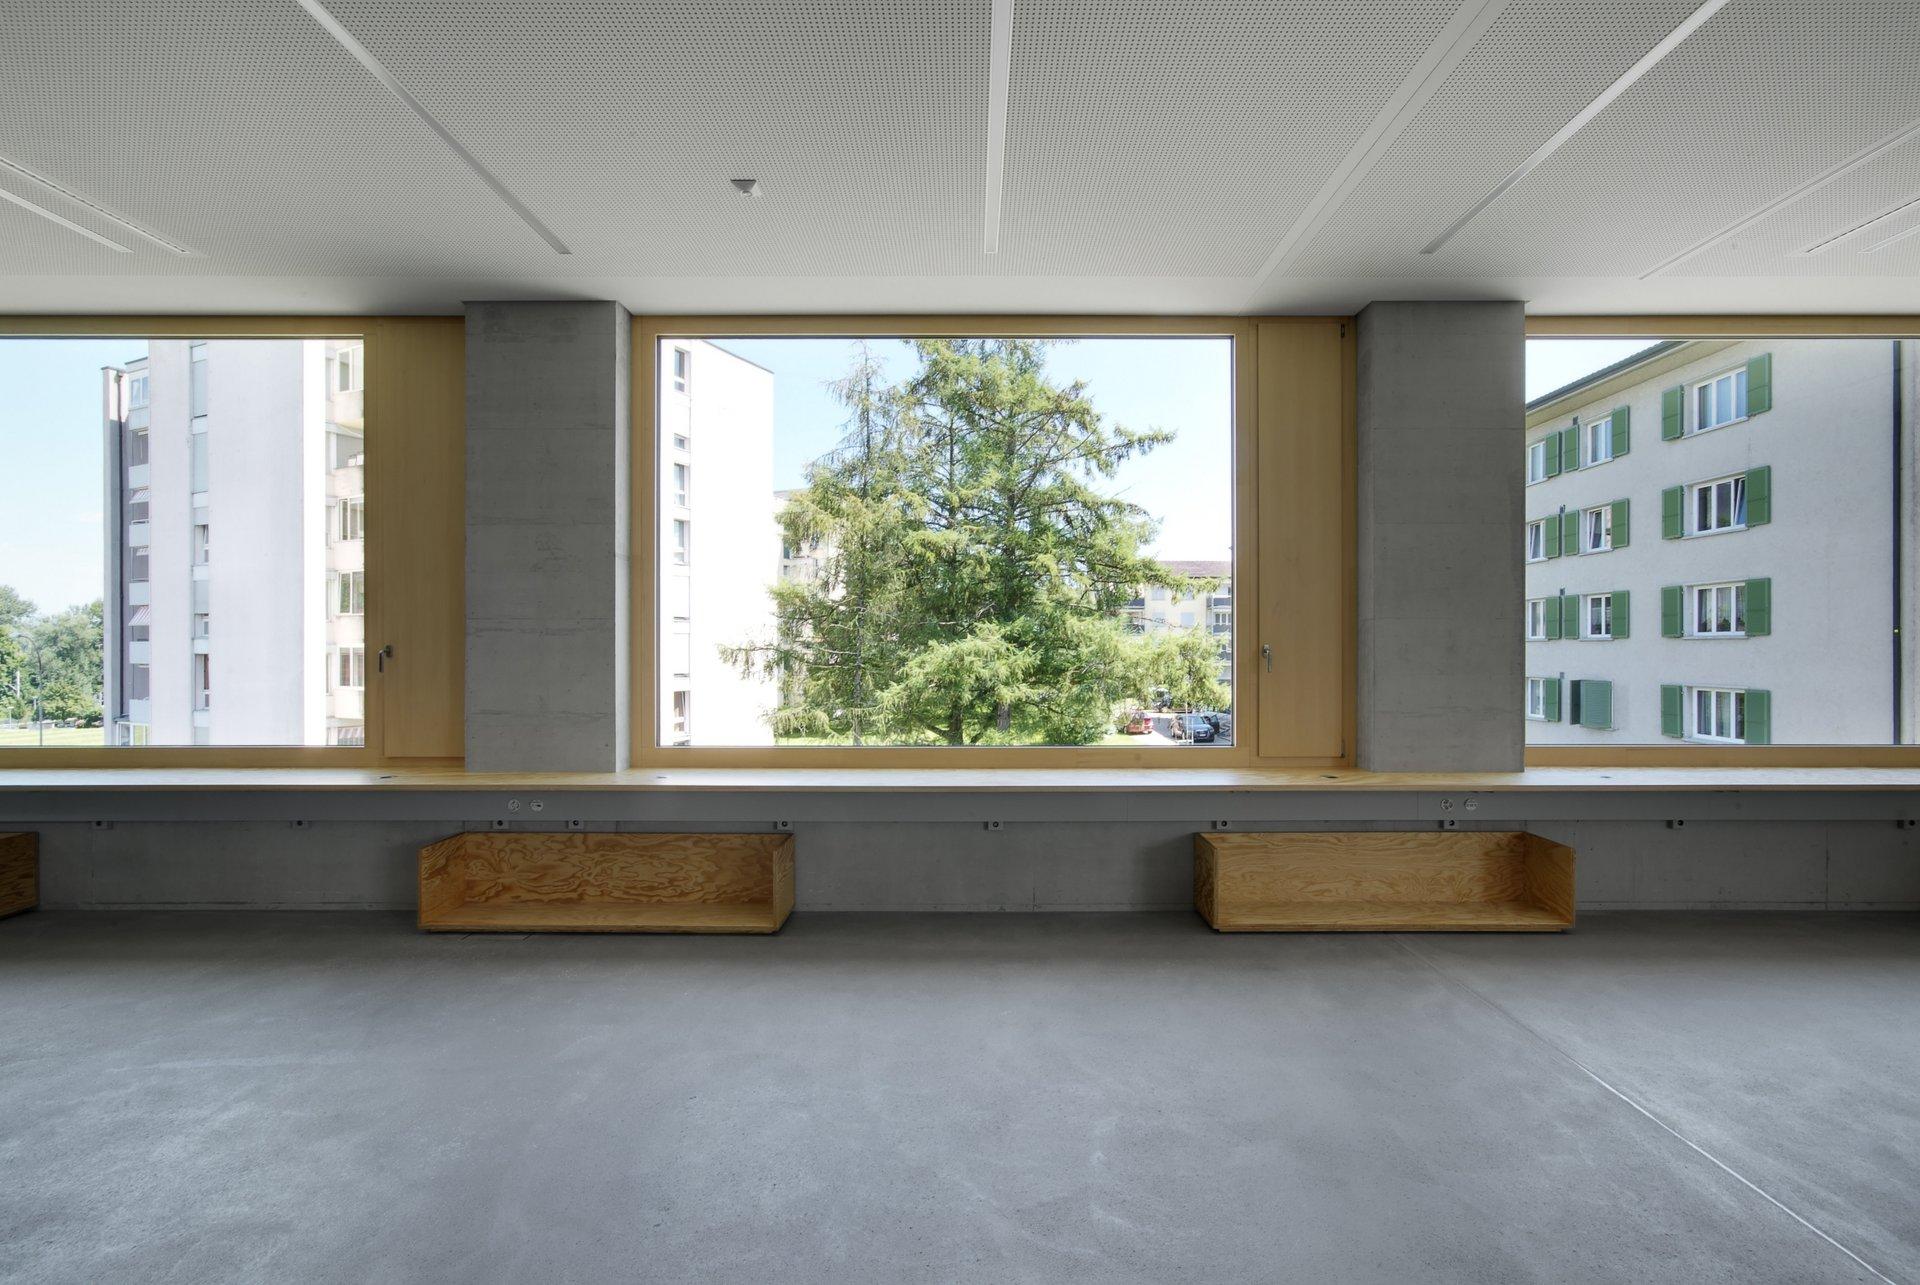 Fenster mit grosser Glasfläche und kleinem Kipp-Fenster